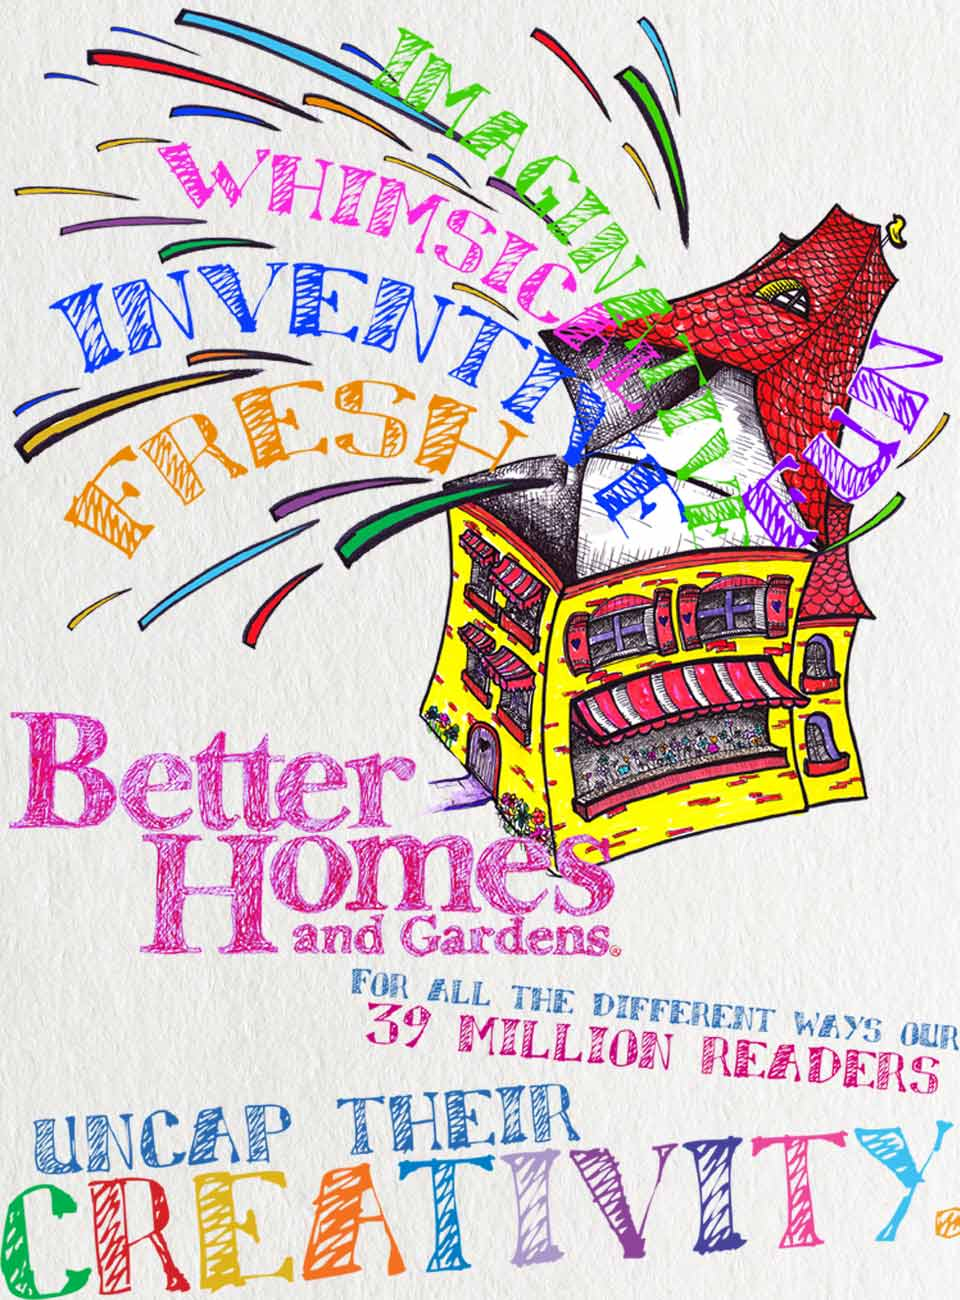 Sharpie adn Better Homes and Gardens 1